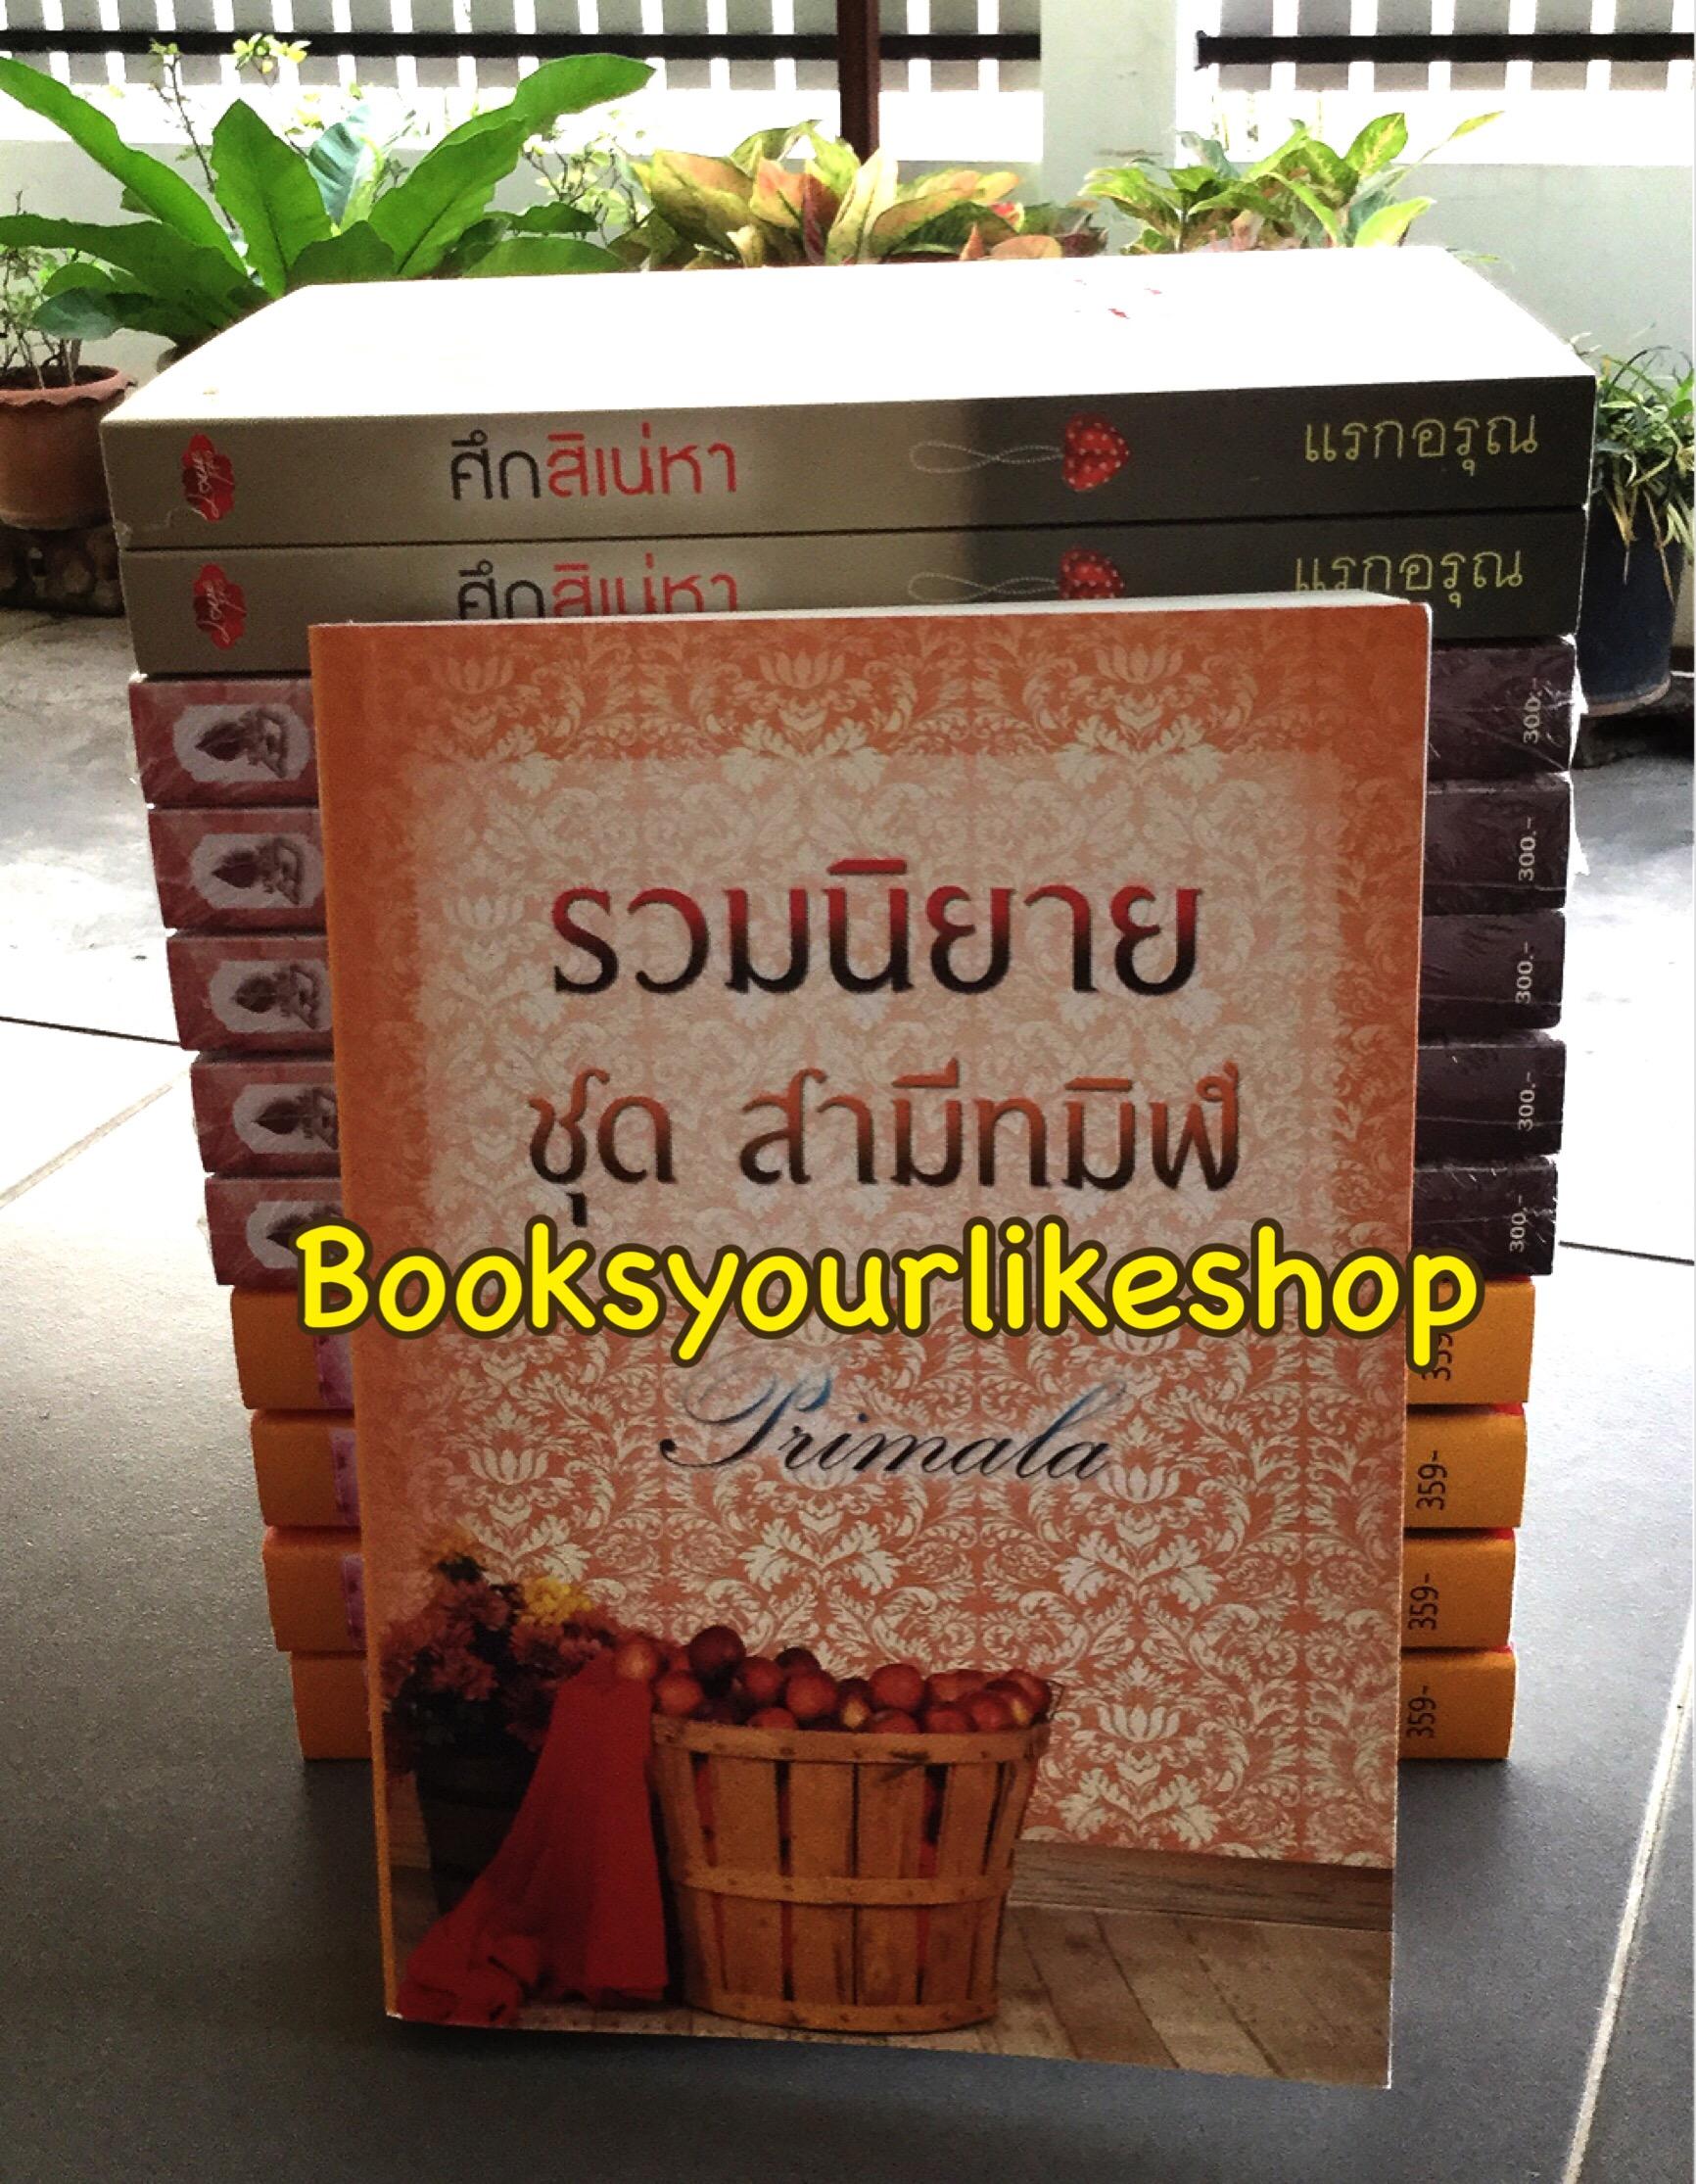 รวมนิยาย ชุด สามีทมิฬ / พริมาลา(ทิพย์ธารินทร์) หนังสือใหม่ทำมือ***